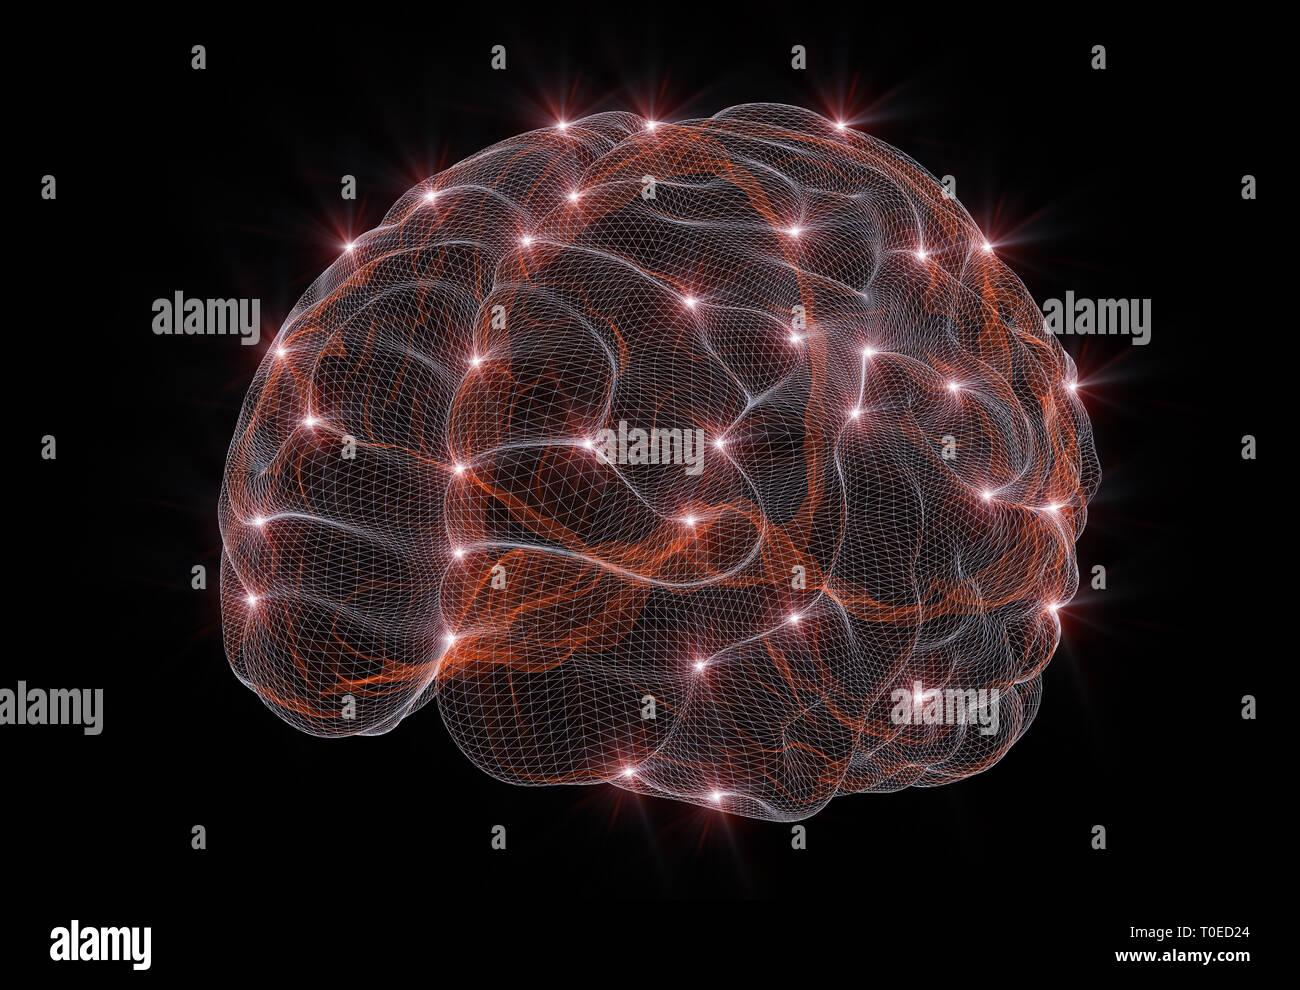 Representación 3D de una imagen conceptual que representan las redes neuronales en inteligencia artificial Imagen De Stock